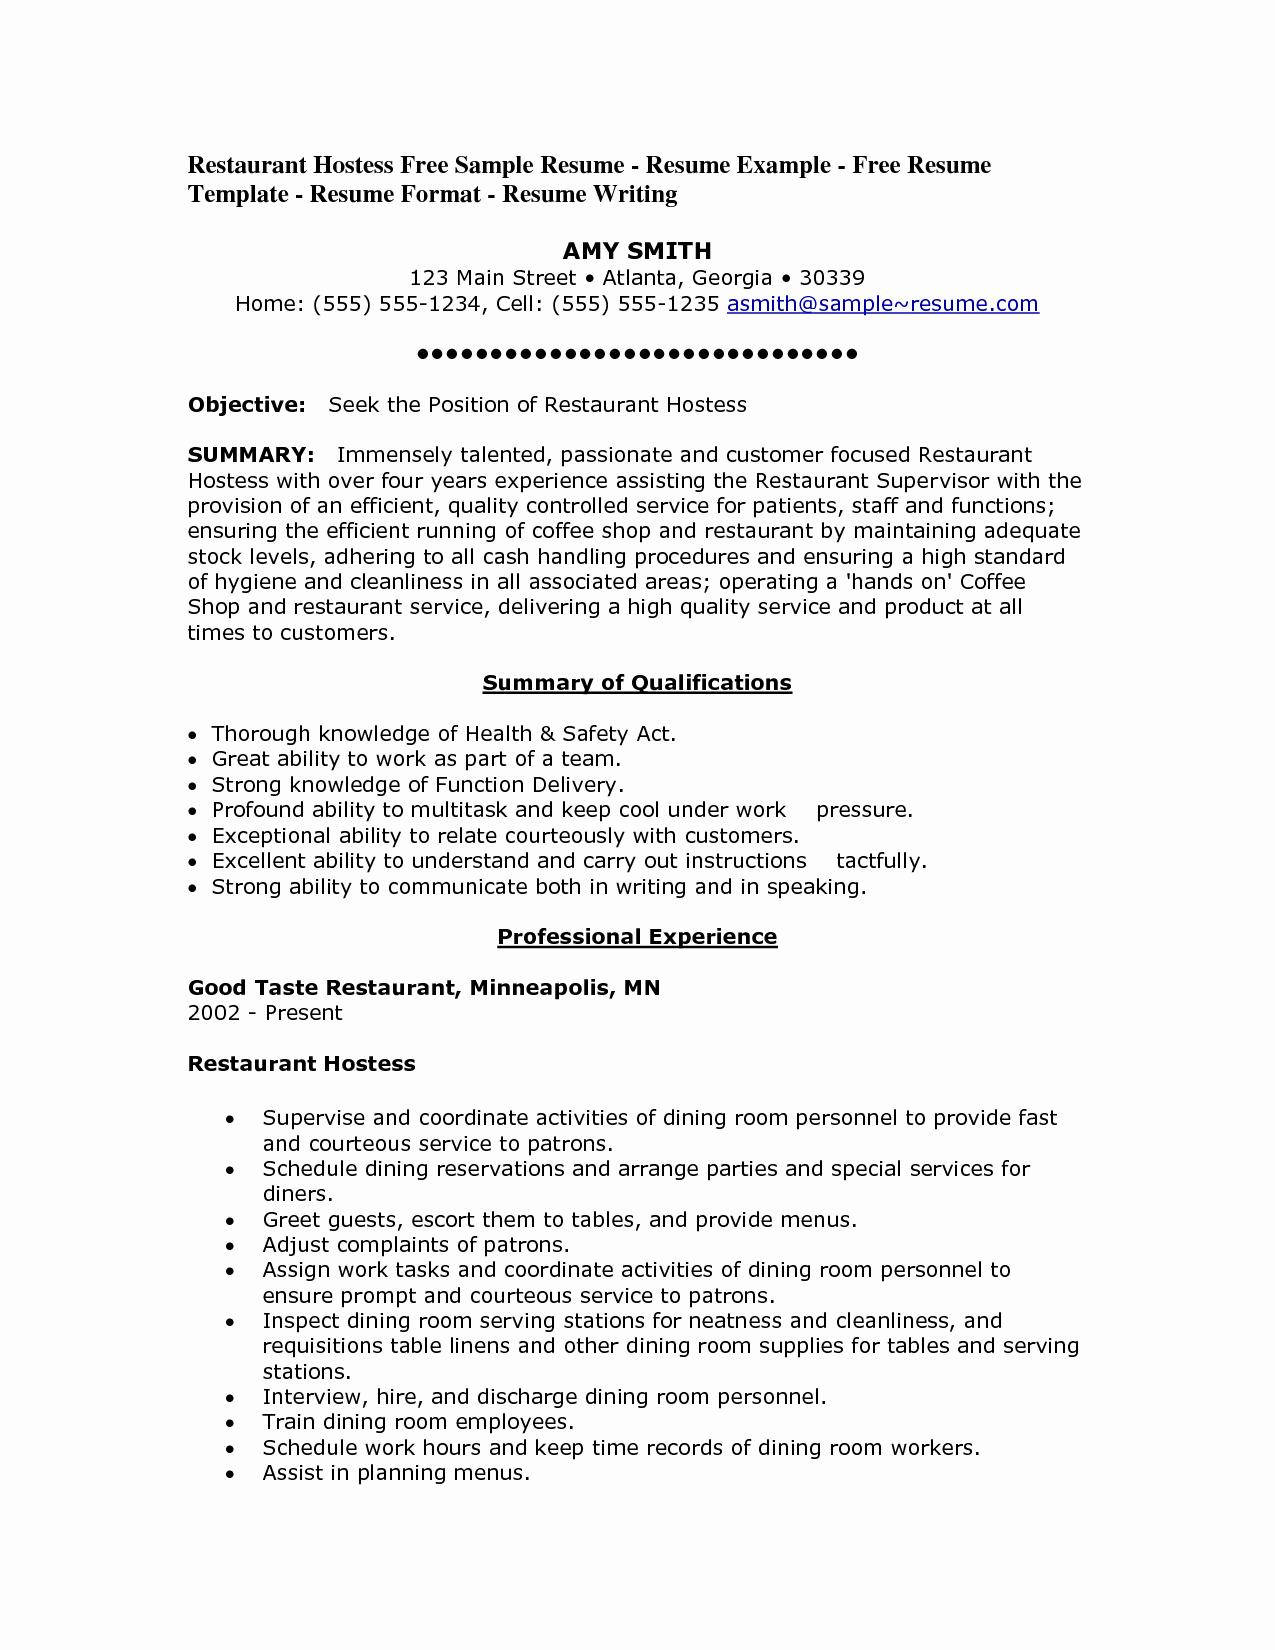 Resume for Restaurant Worker Resume Ideas